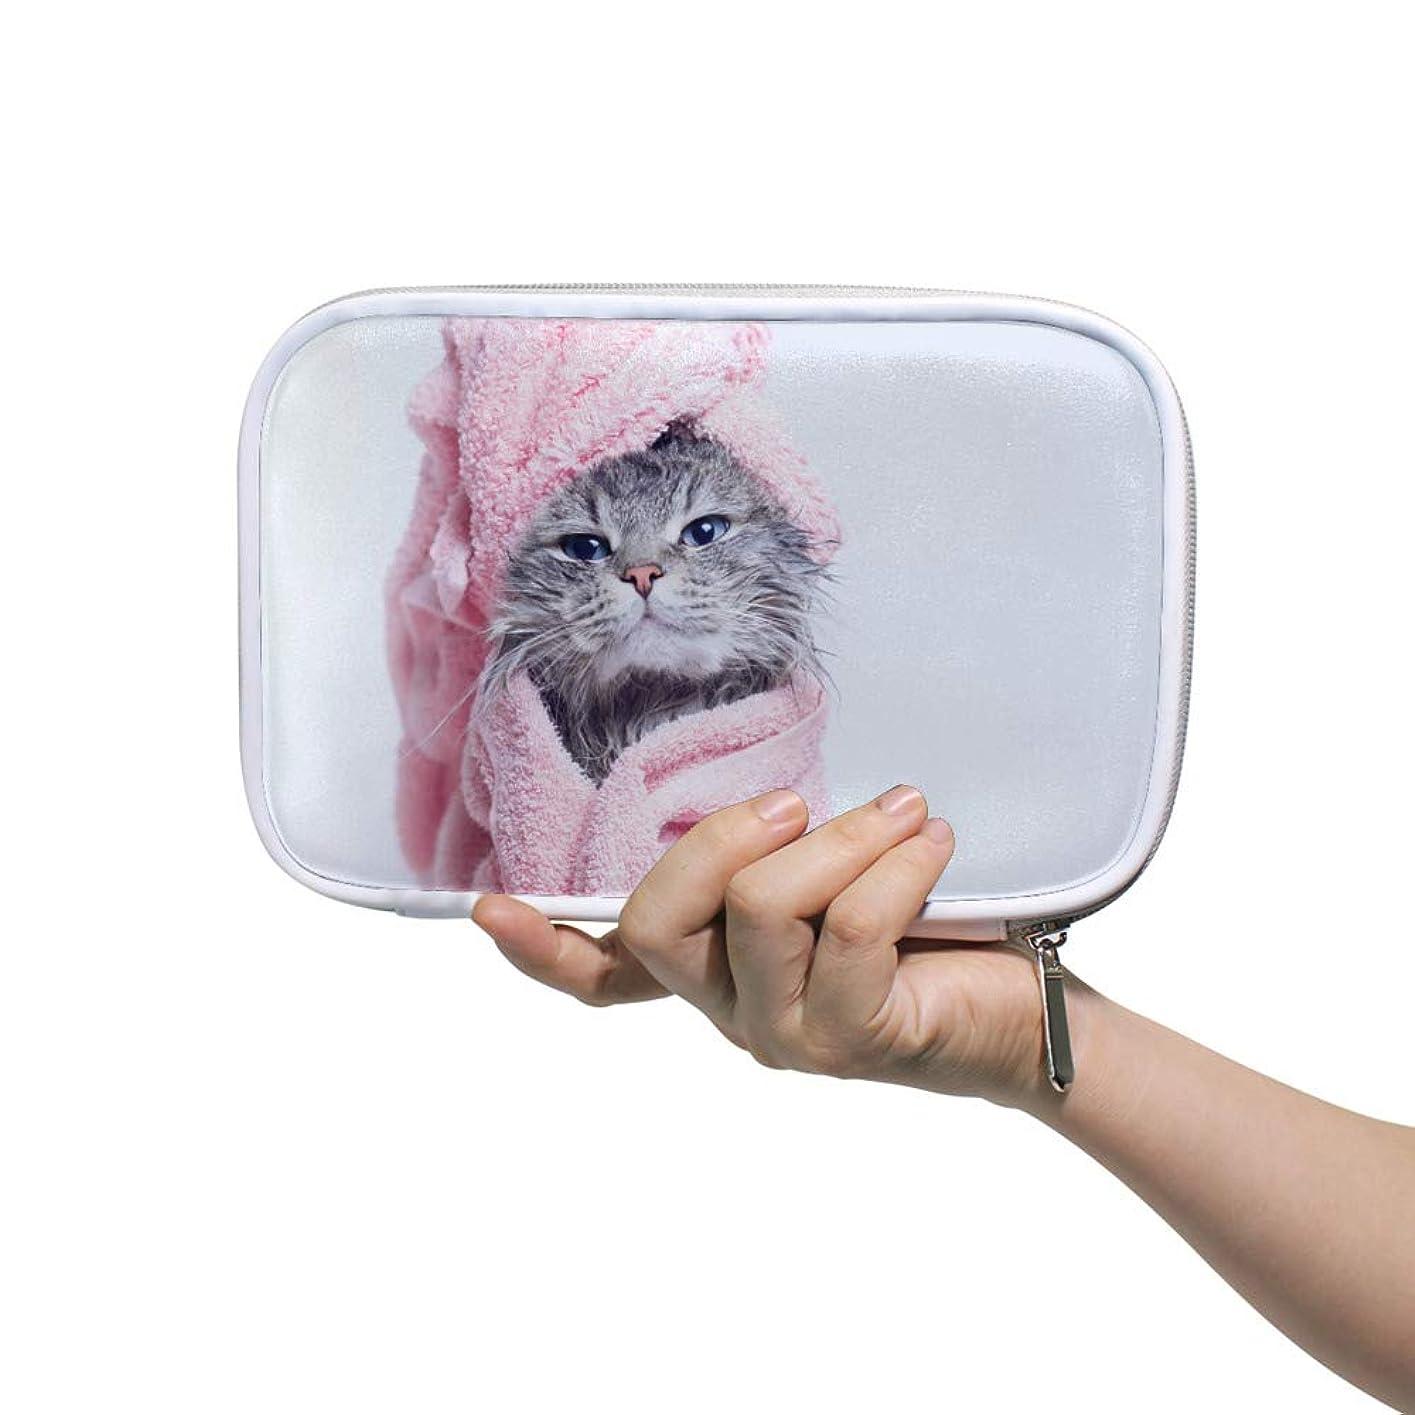 あたりマスク被るZHIMI 化粧ポーチ メイクポーチ レディース コンパクト 柔らかい おしゃれ コスメケース 化粧品収納バッグ 可愛い猫の柄 機能的 防水 軽量 小物入れ 出張 海外旅行グッズ パスポートケースとしても適用